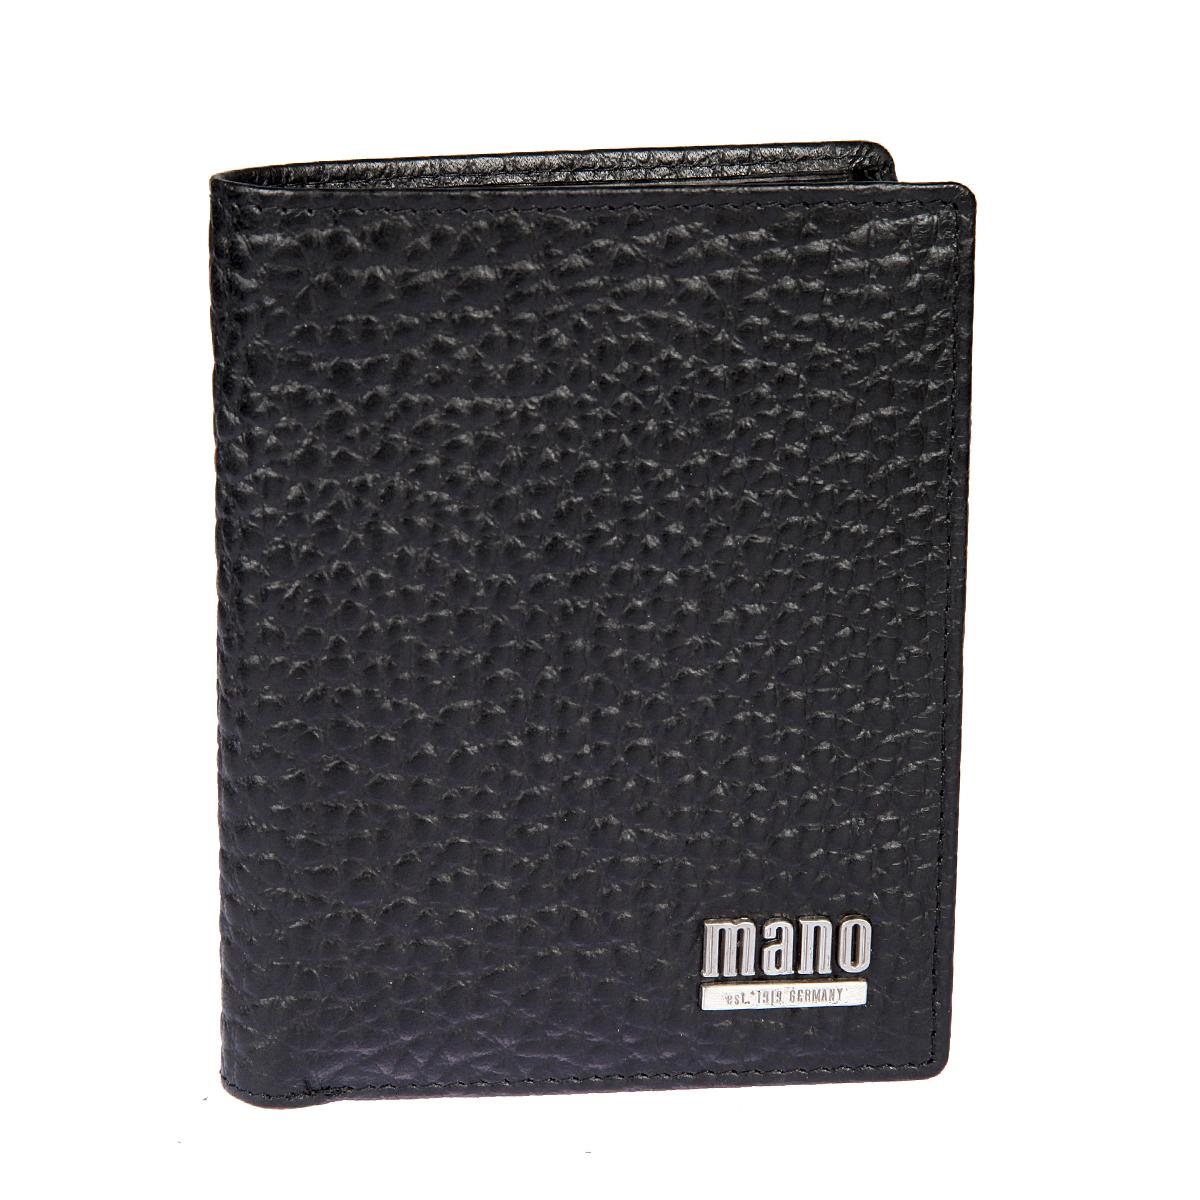 Портмоне мужское Mano, цвет: черный. 1953777-080-06Портмоне мужское Mano выполнено из натуральной кожи. Модель раскладывается пополам, внутри два отдела для купюр, карман для мелочи на кнопке, сетчатый карман, восемь кармашков для, пластиковых карт, три потайных кармана.